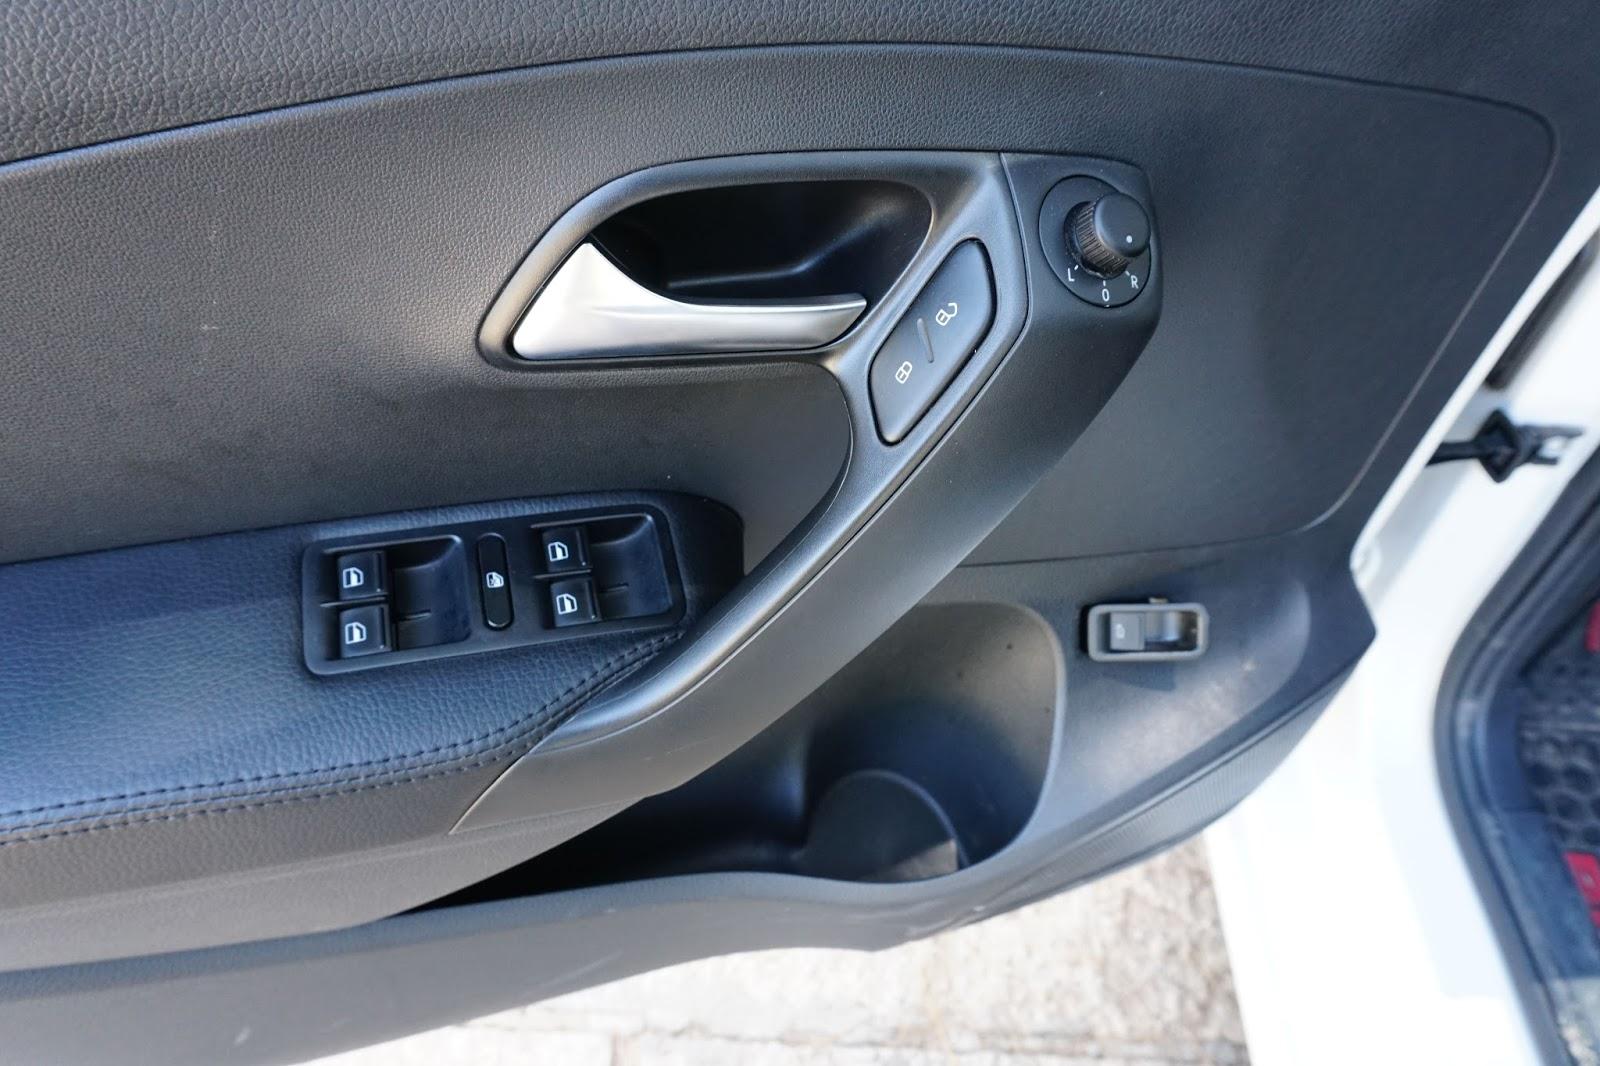 Gương chỉnh điện tiện lợi, có chổ để cốc cũng như khóa cửa tự động